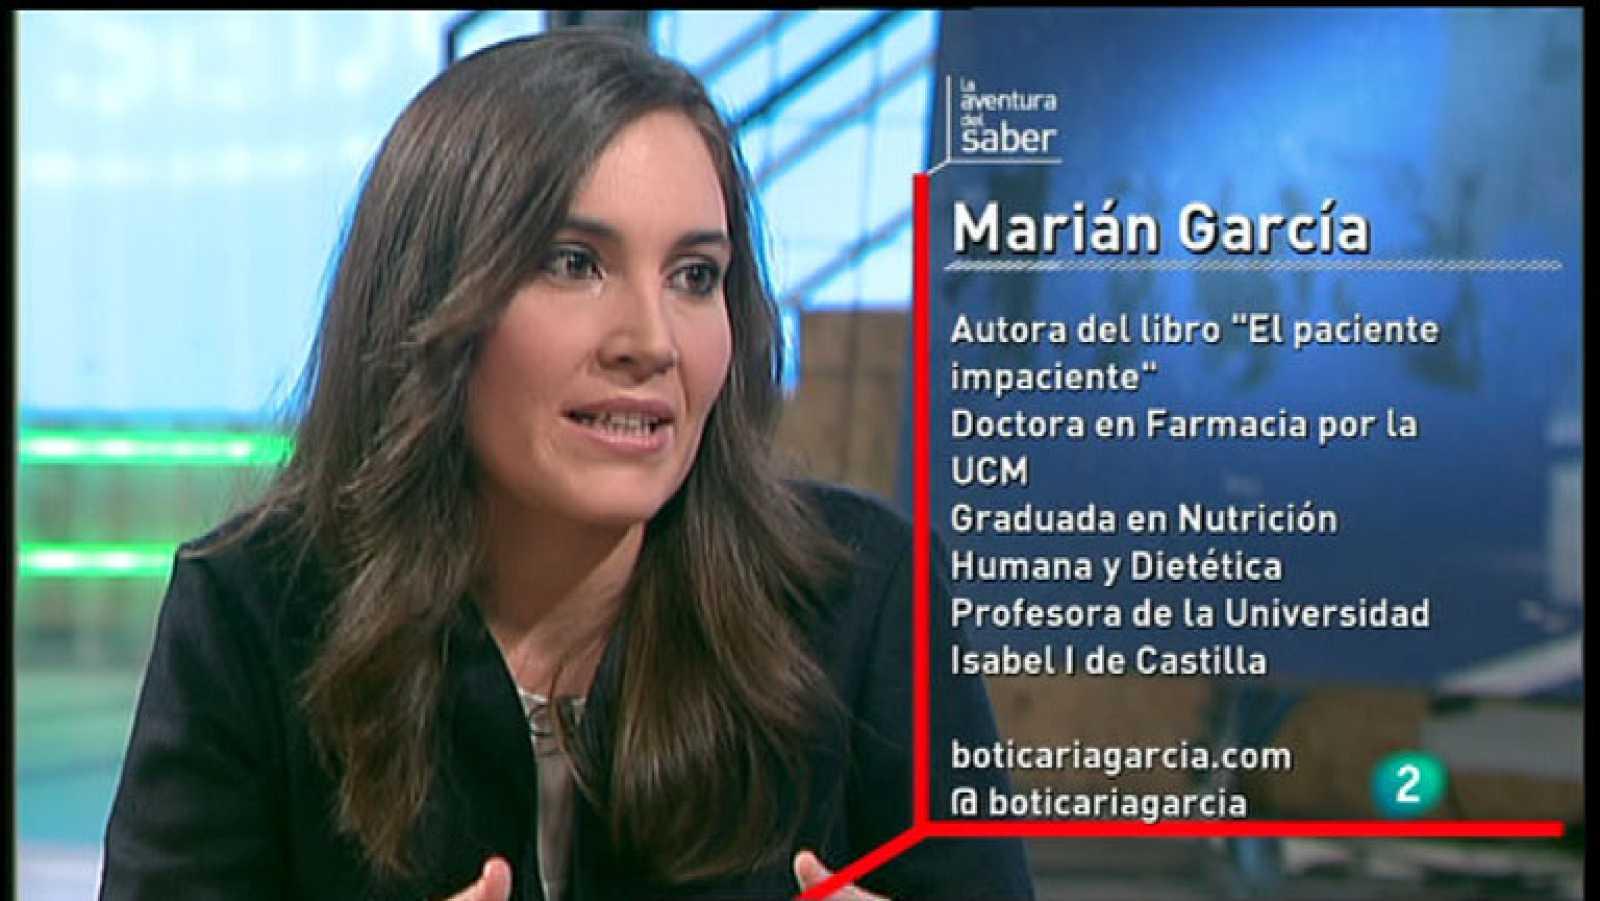 La Aventura del Saber. Boticaria García. Marián García. Métodos anticonceptivos